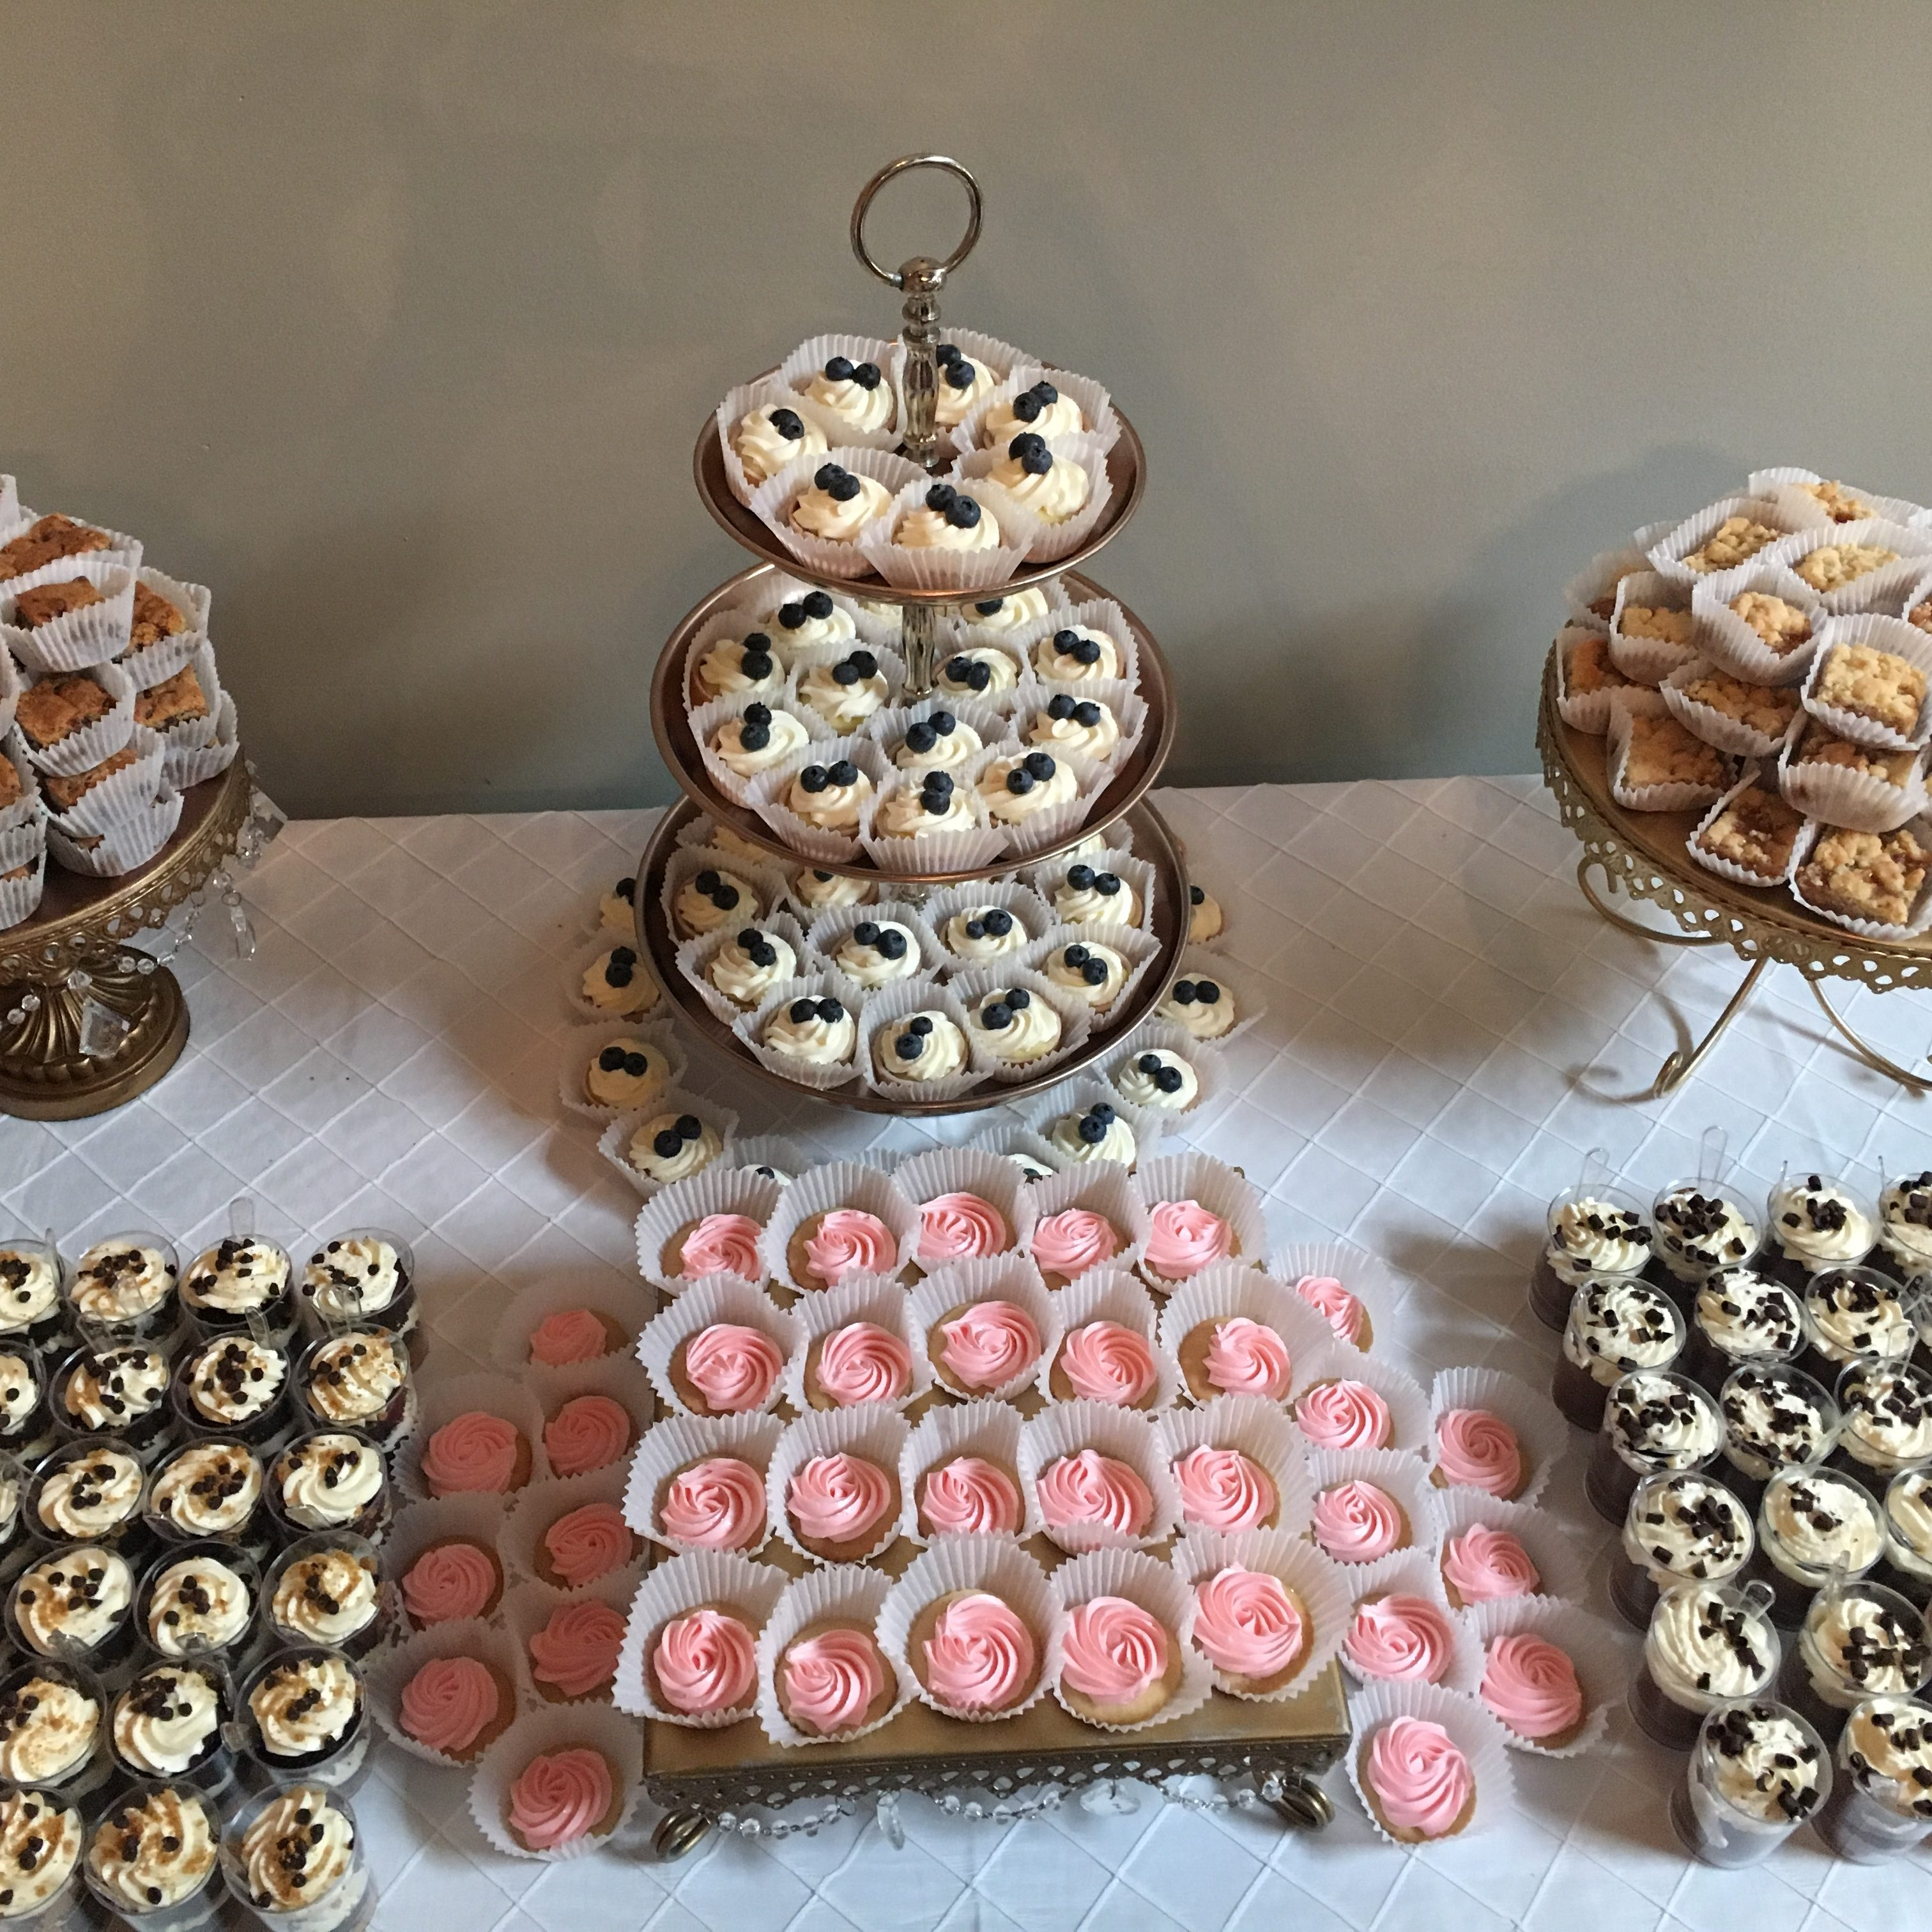 https://delicatelydelicious.com/wp-content/uploads/2019/05/Dessert-Table-2-e1557248284308.jpg